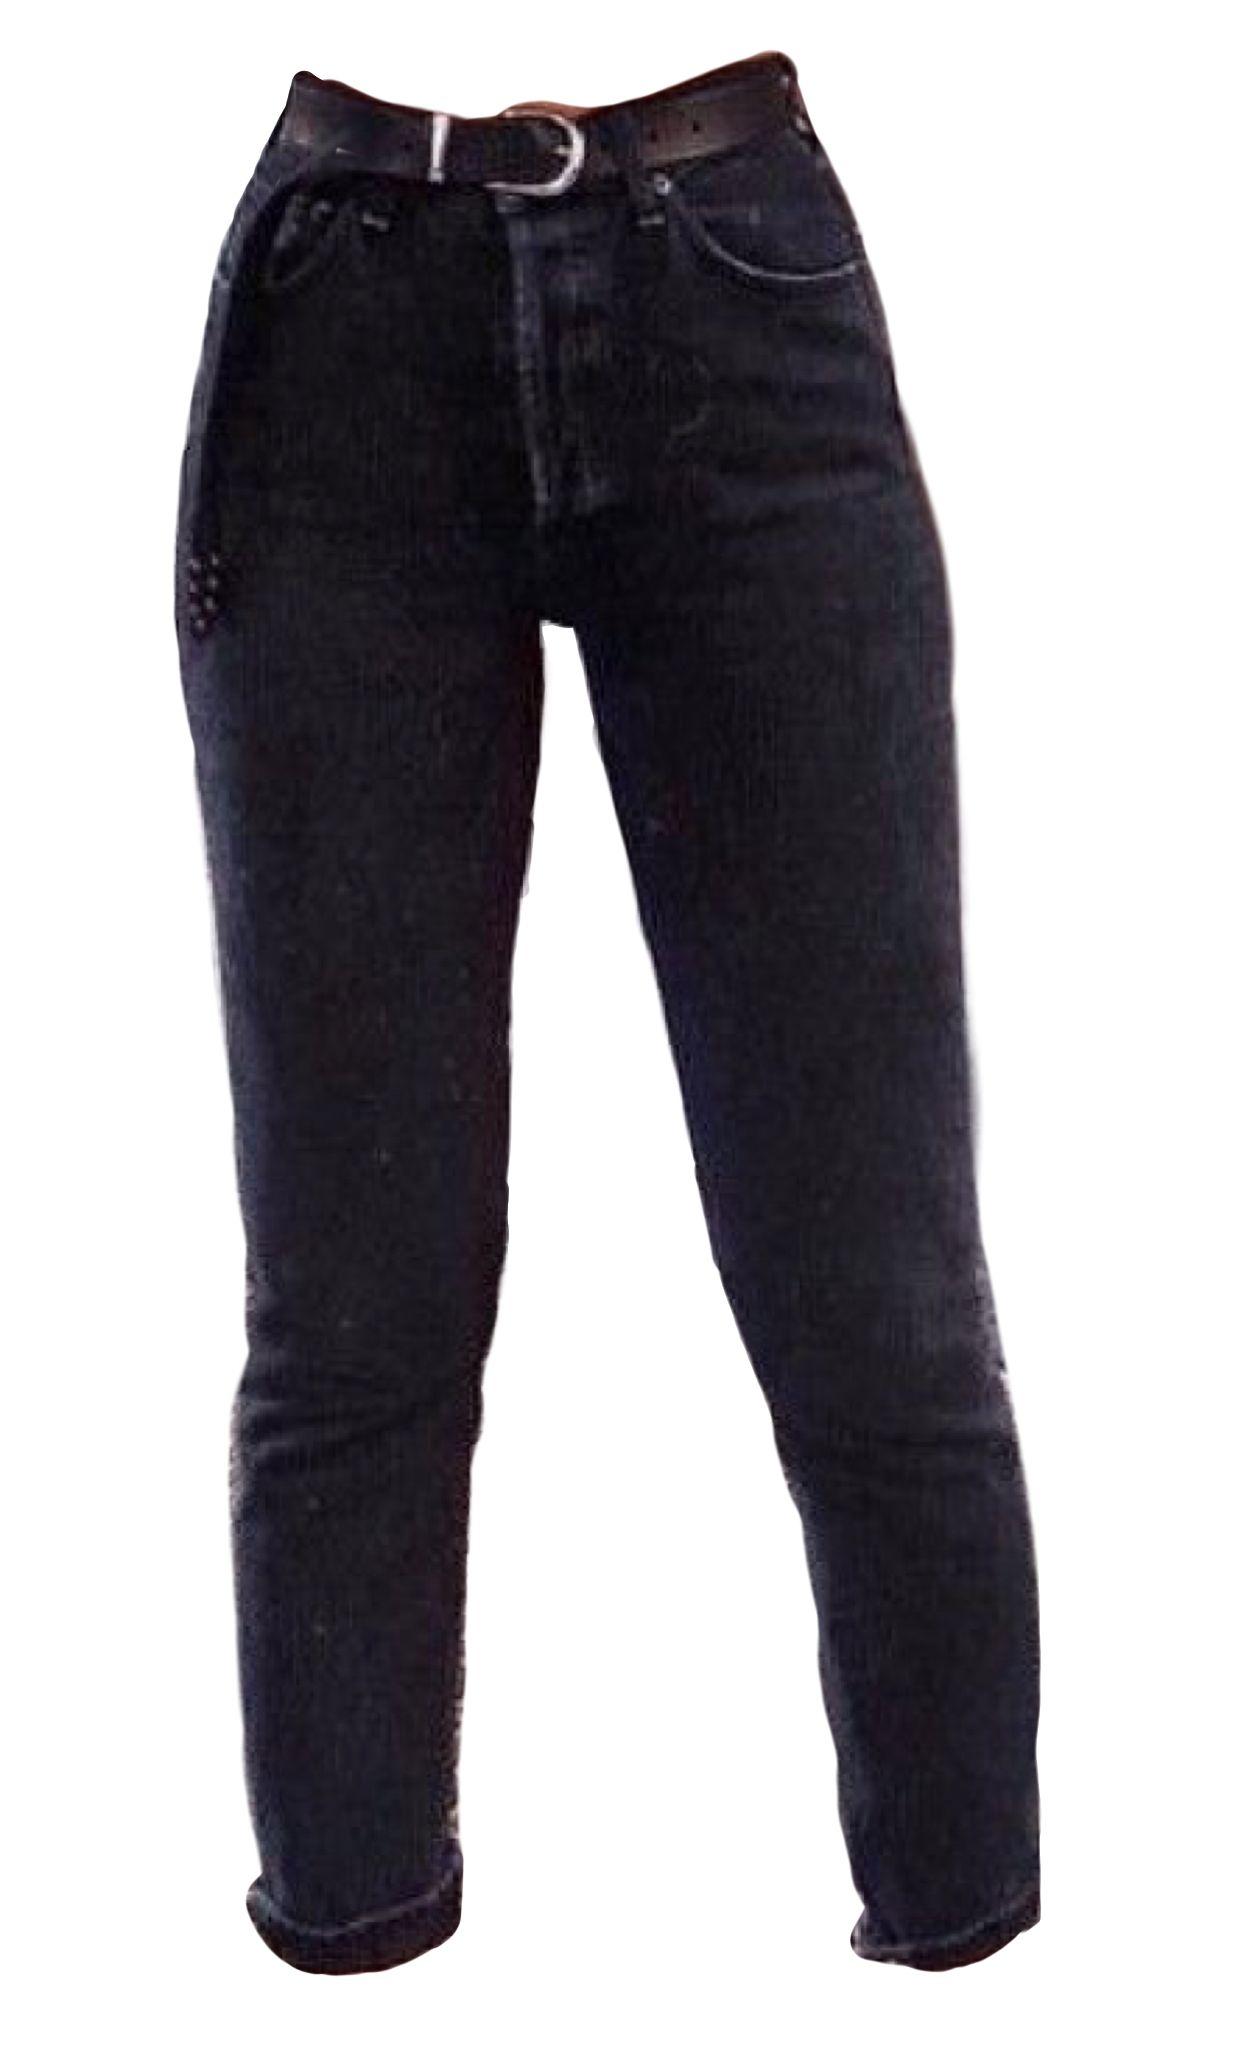 Black jeans pants polyvore moodboard filler.